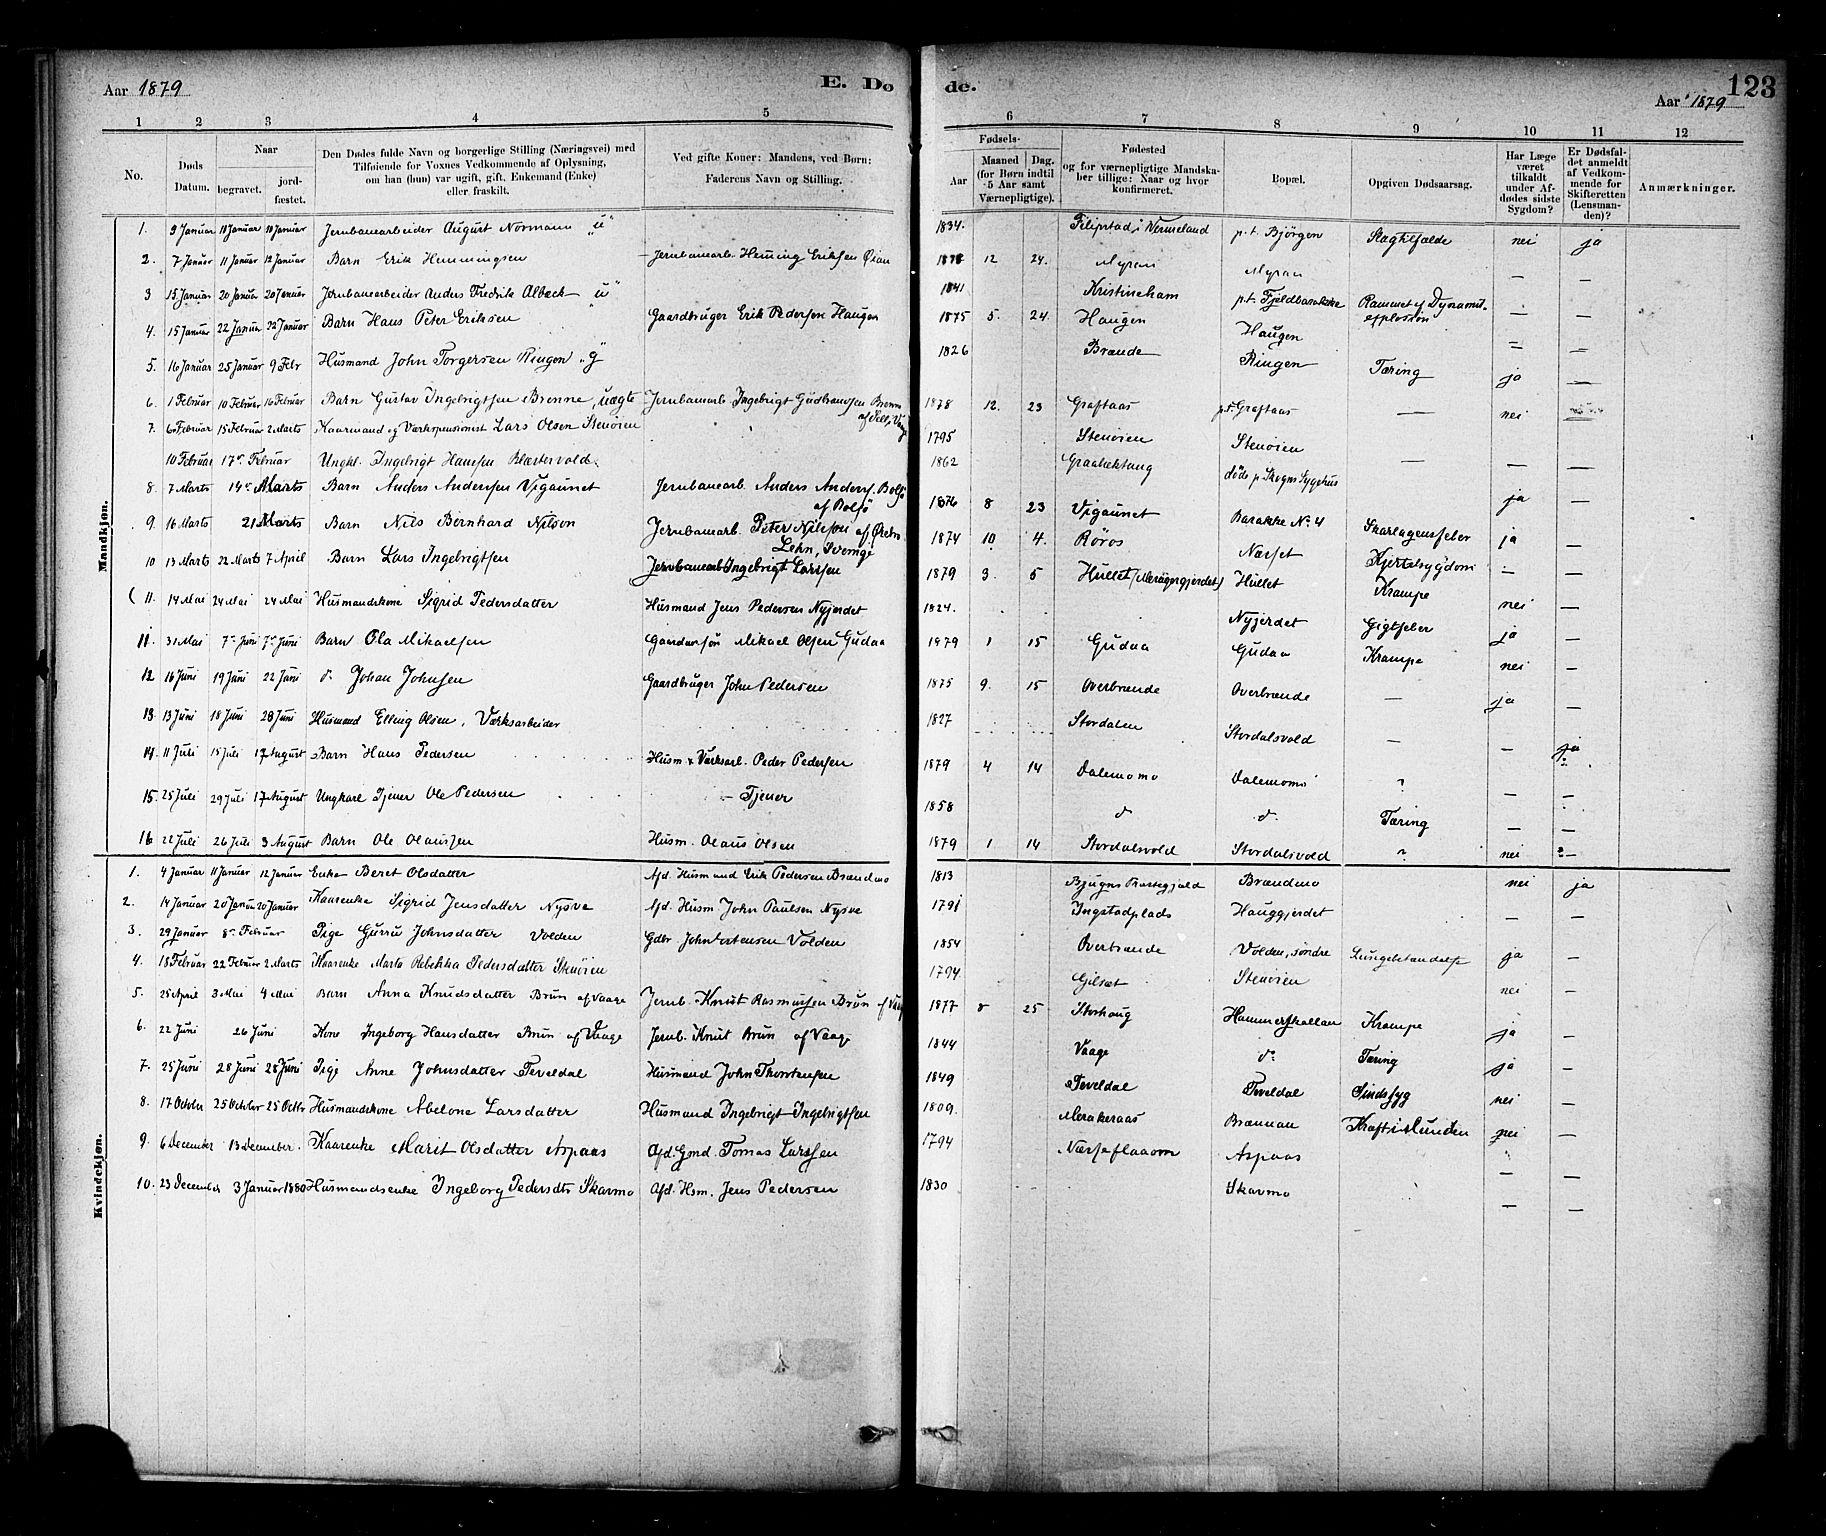 SAT, Ministerialprotokoller, klokkerbøker og fødselsregistre - Nord-Trøndelag, 706/L0047: Ministerialbok nr. 706A03, 1878-1892, s. 123